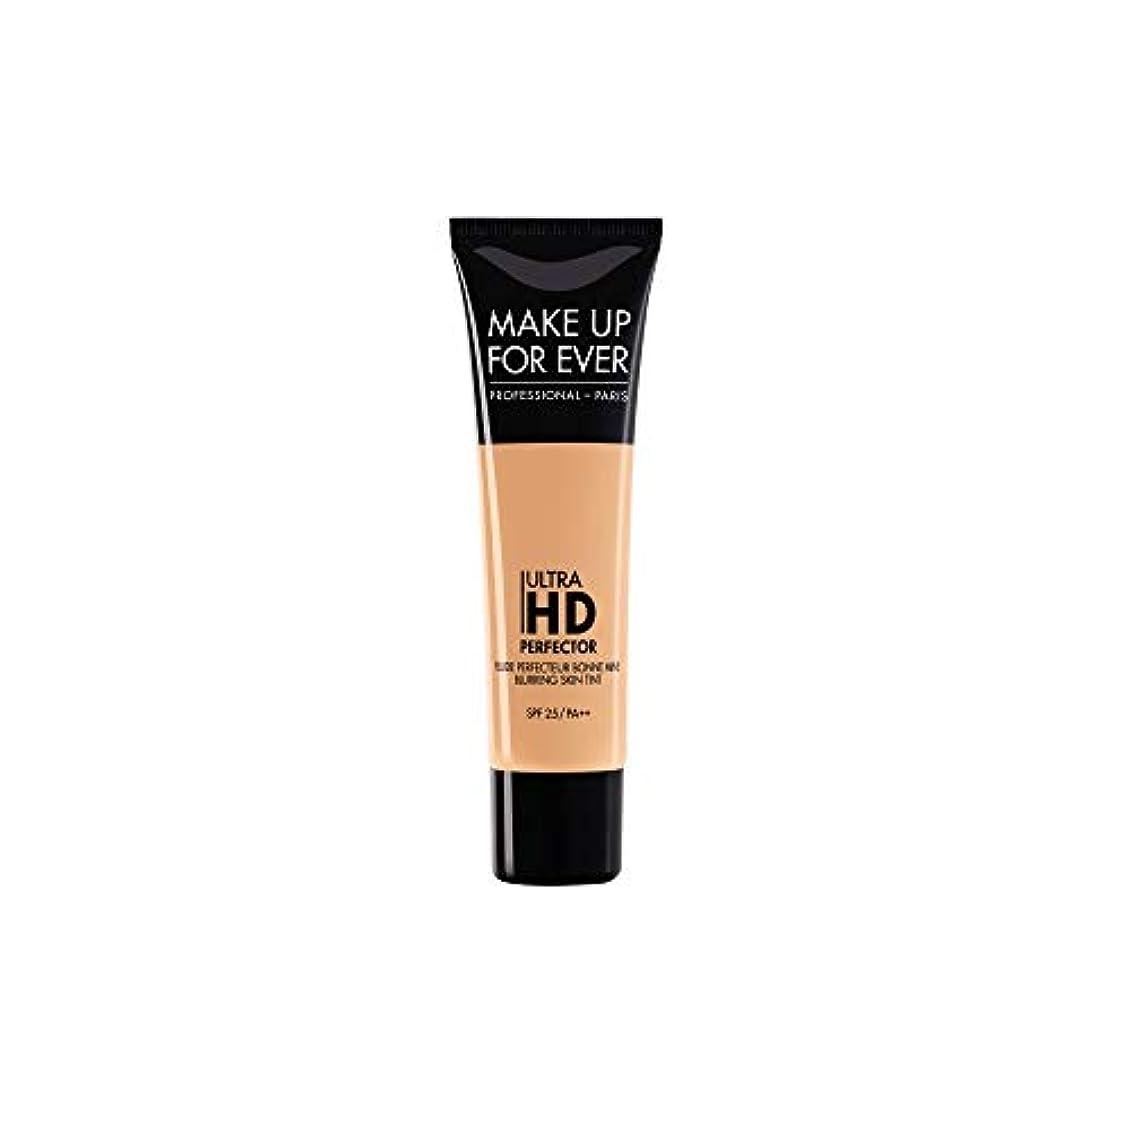 実り多い余暇竜巻メイクアップフォーエバー Ultra HD Perfector Blurring Skin Tint SPF25 - # 07 Golden Apricot 30ml/1.01oz並行輸入品